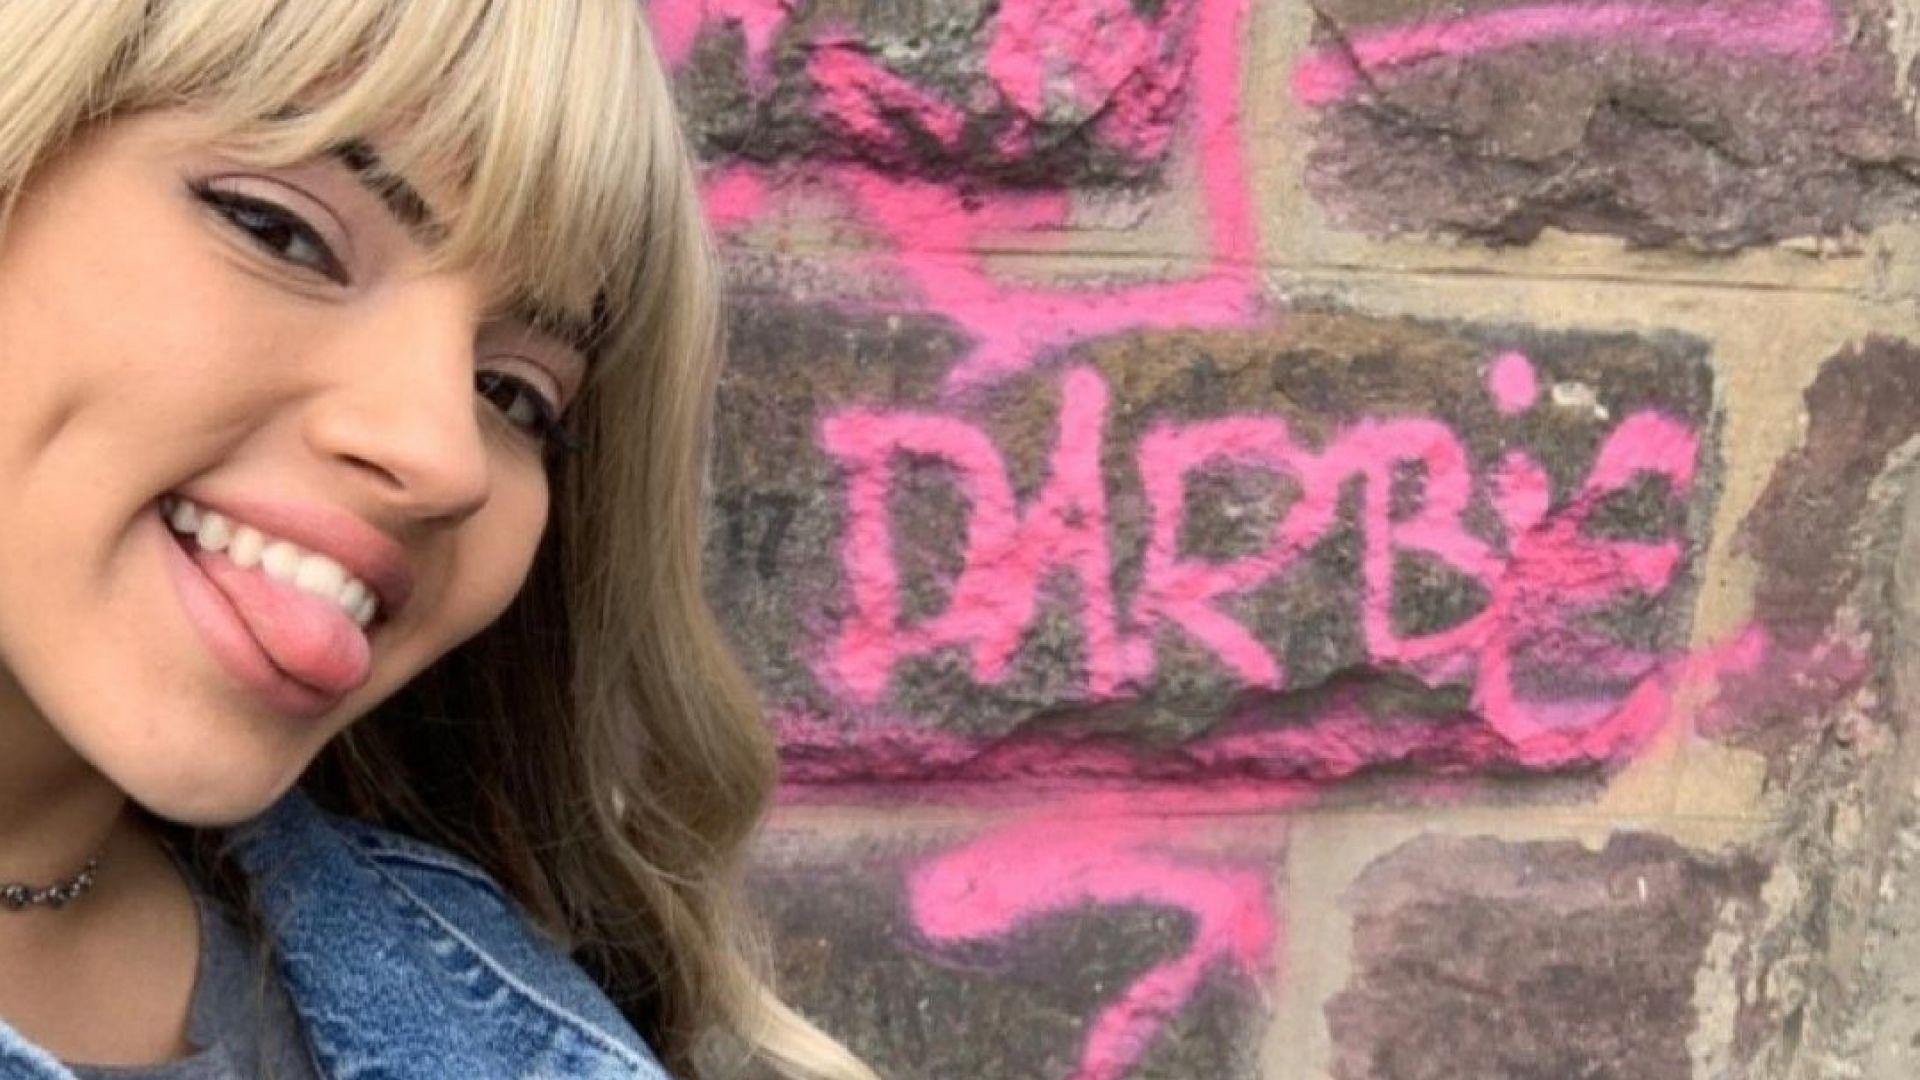 Dara става Darbie в новото си  парче